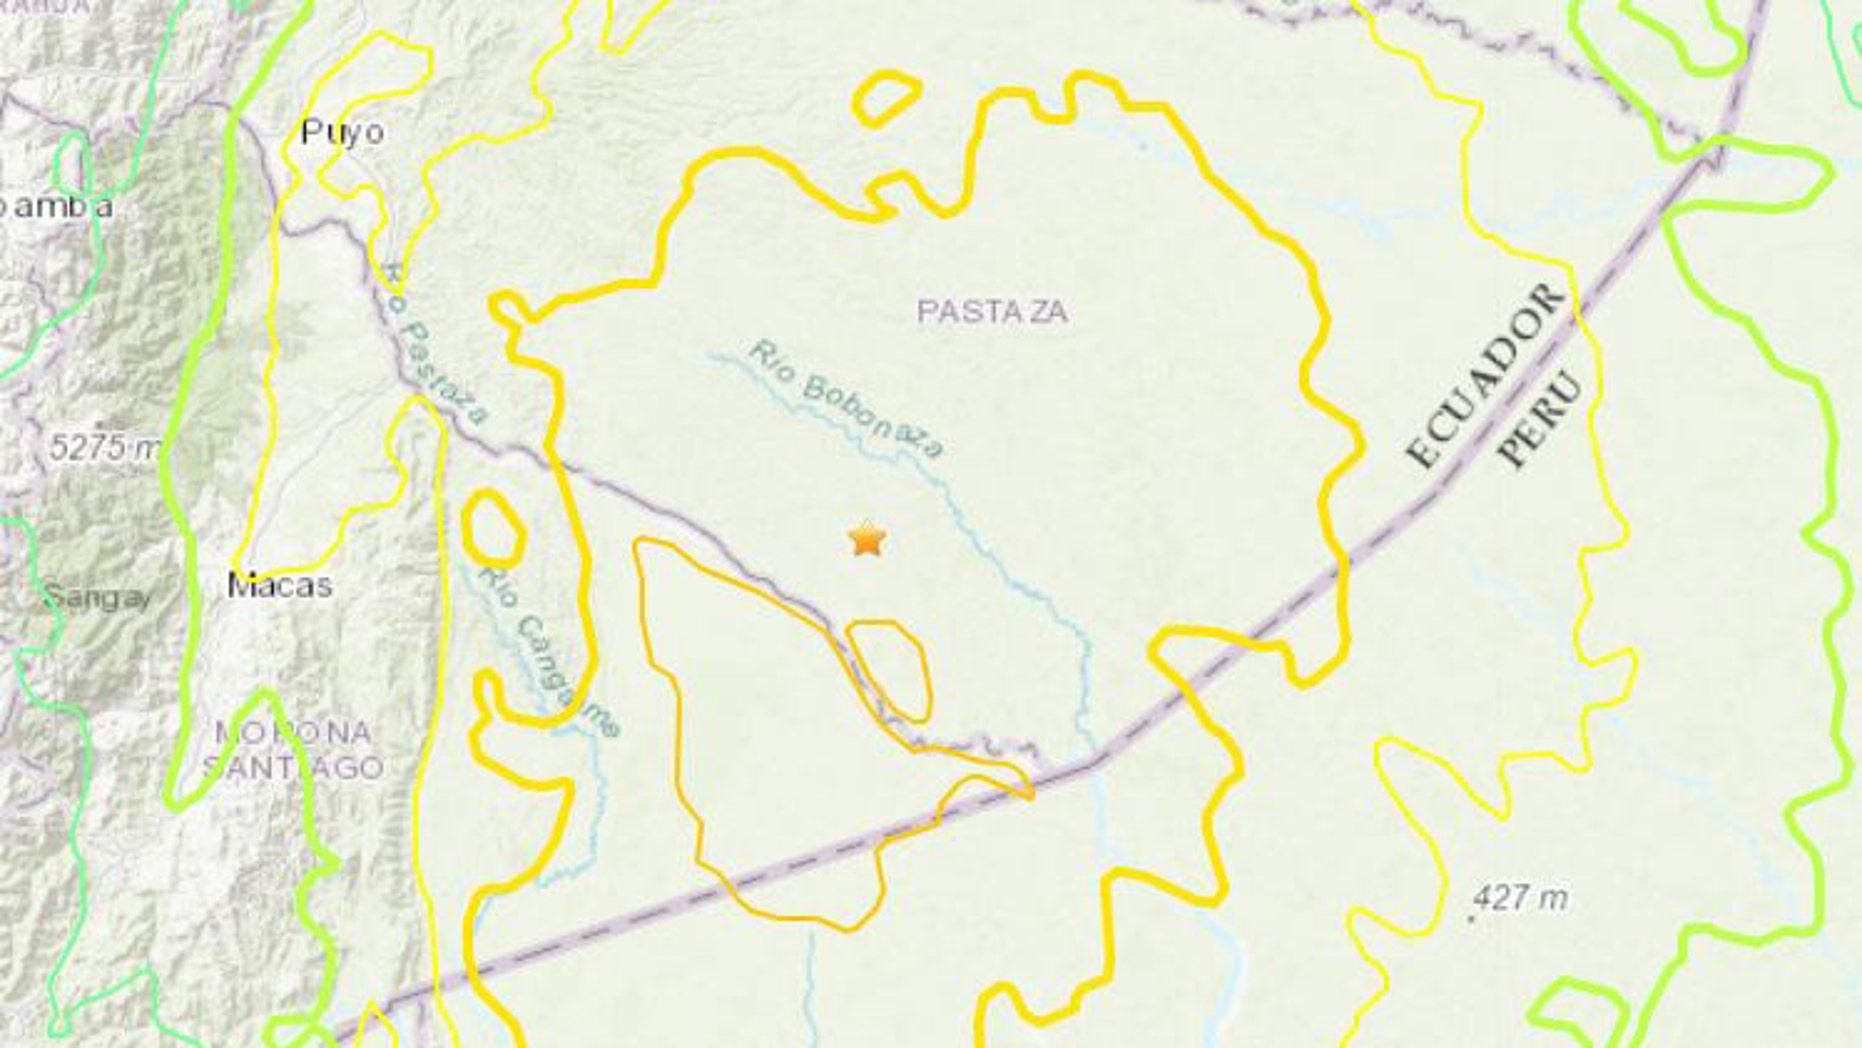 7.5-magnitude earthquake struck near the border between Ecuador and Peru